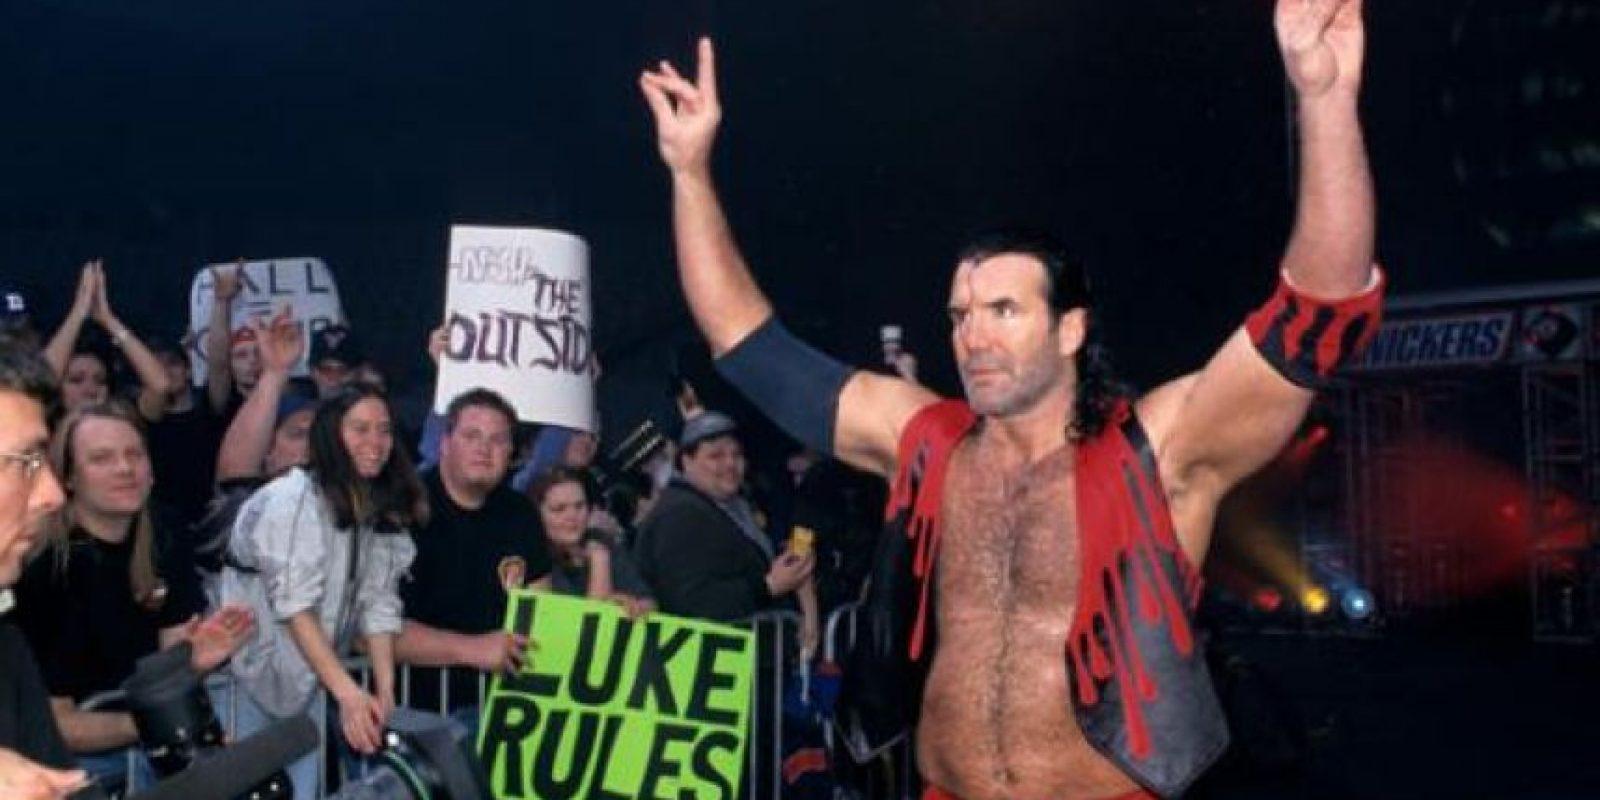 Pues los luchadores recibían regalías de los productos oficiales de los artículos del grupo nWo Foto:WWE